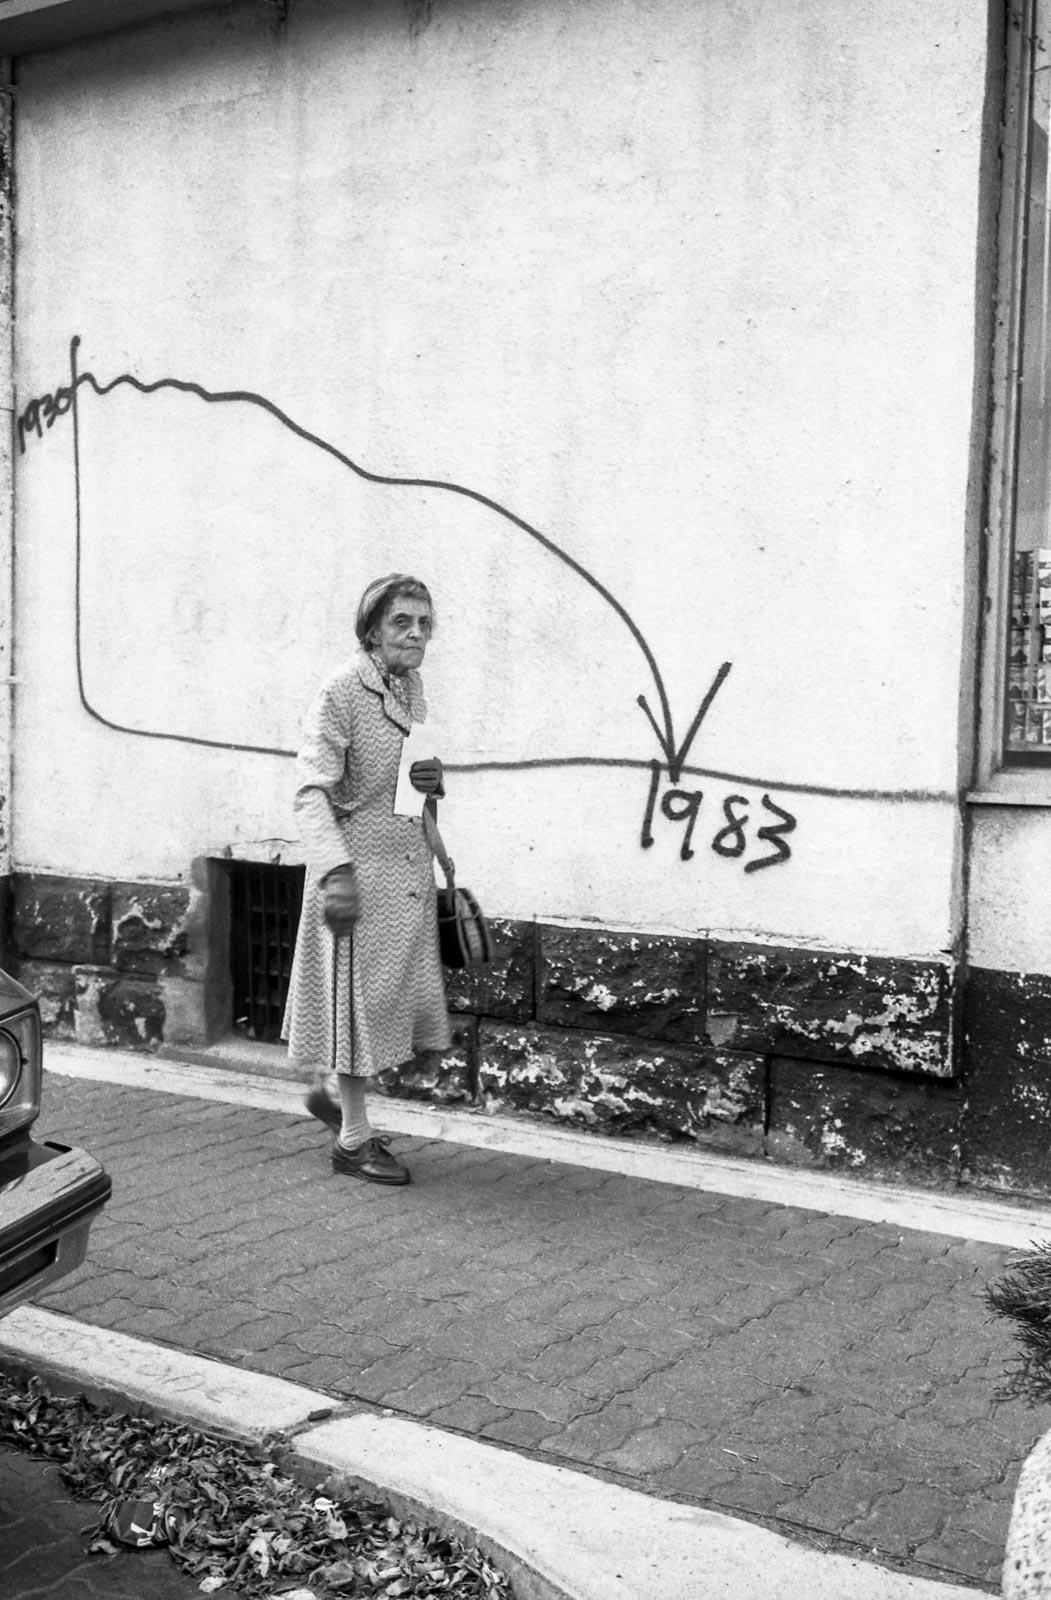 La courbe de vie, Montréal 1983